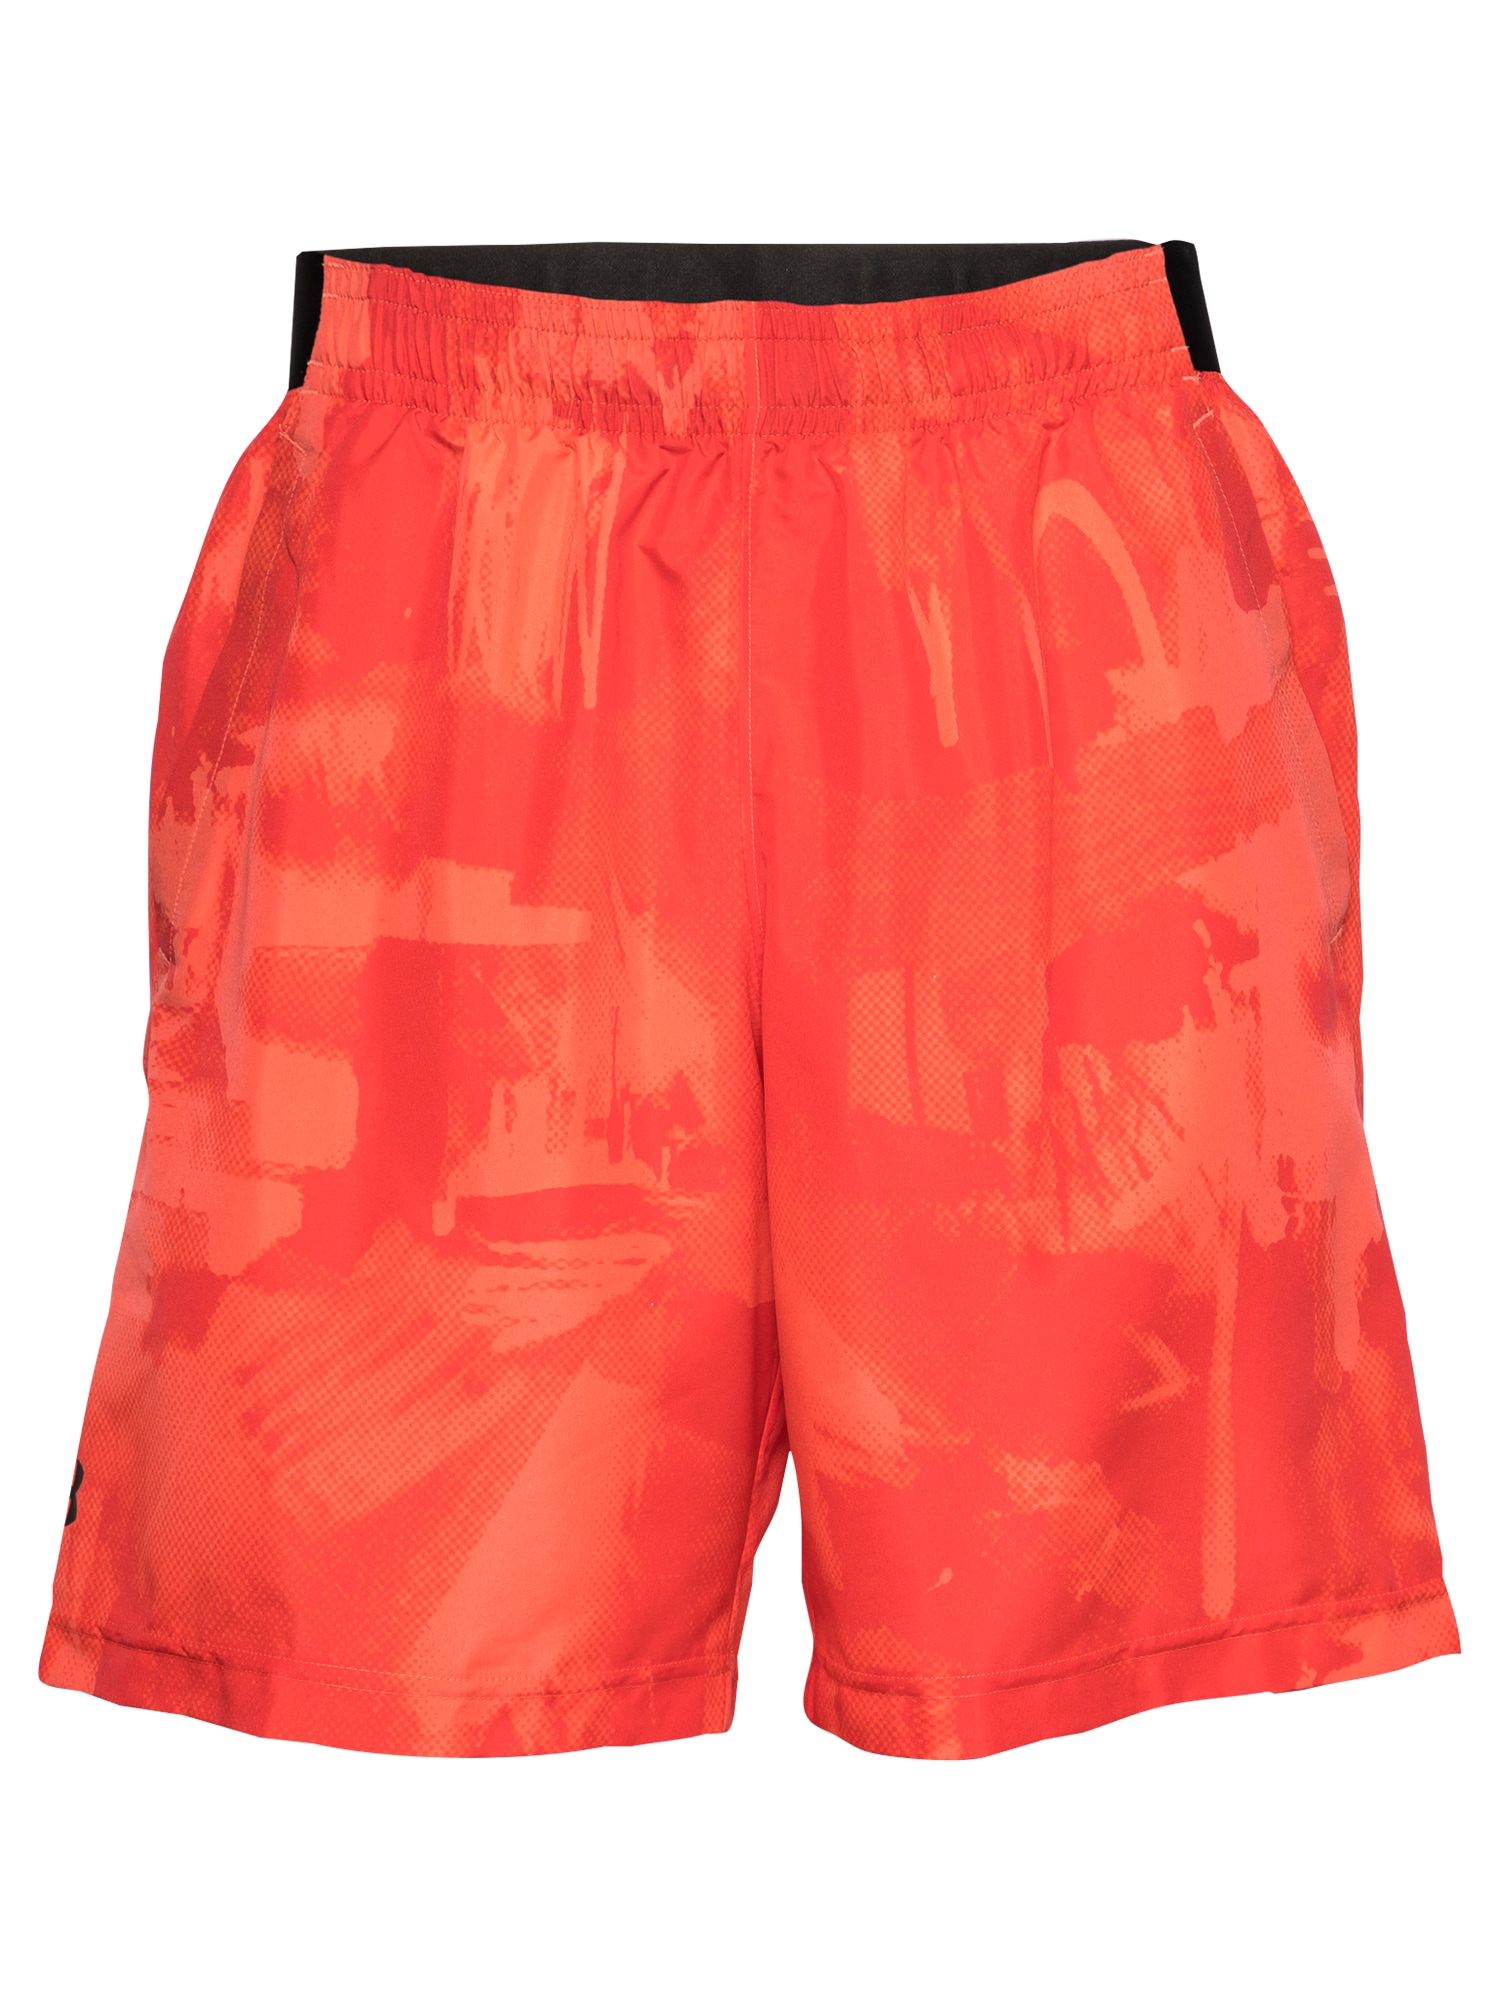 UNDER ARMOUR Sportinės kelnės raudona / juoda